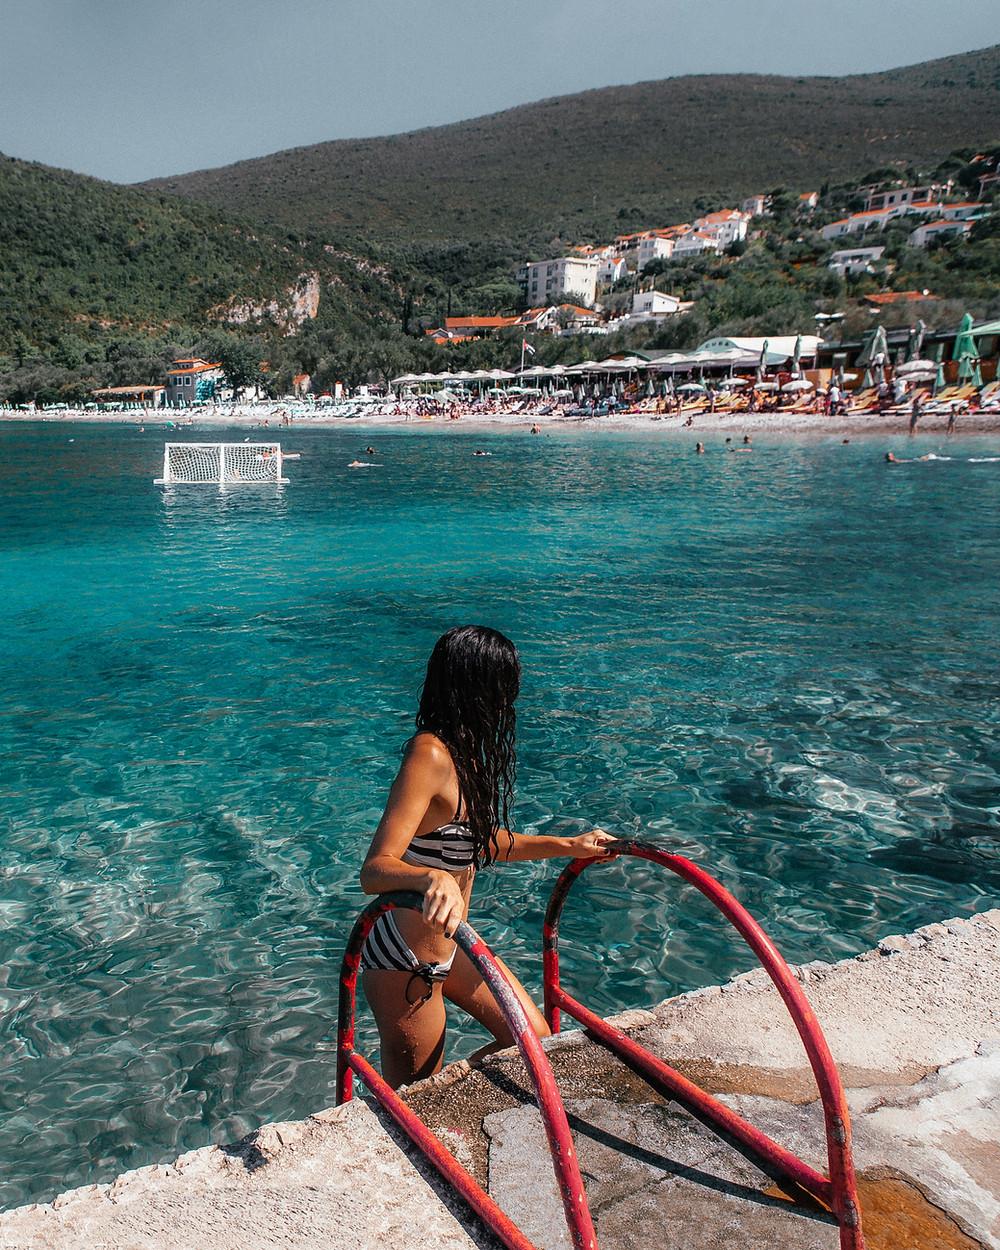 Zanjice Beach, Montenegro